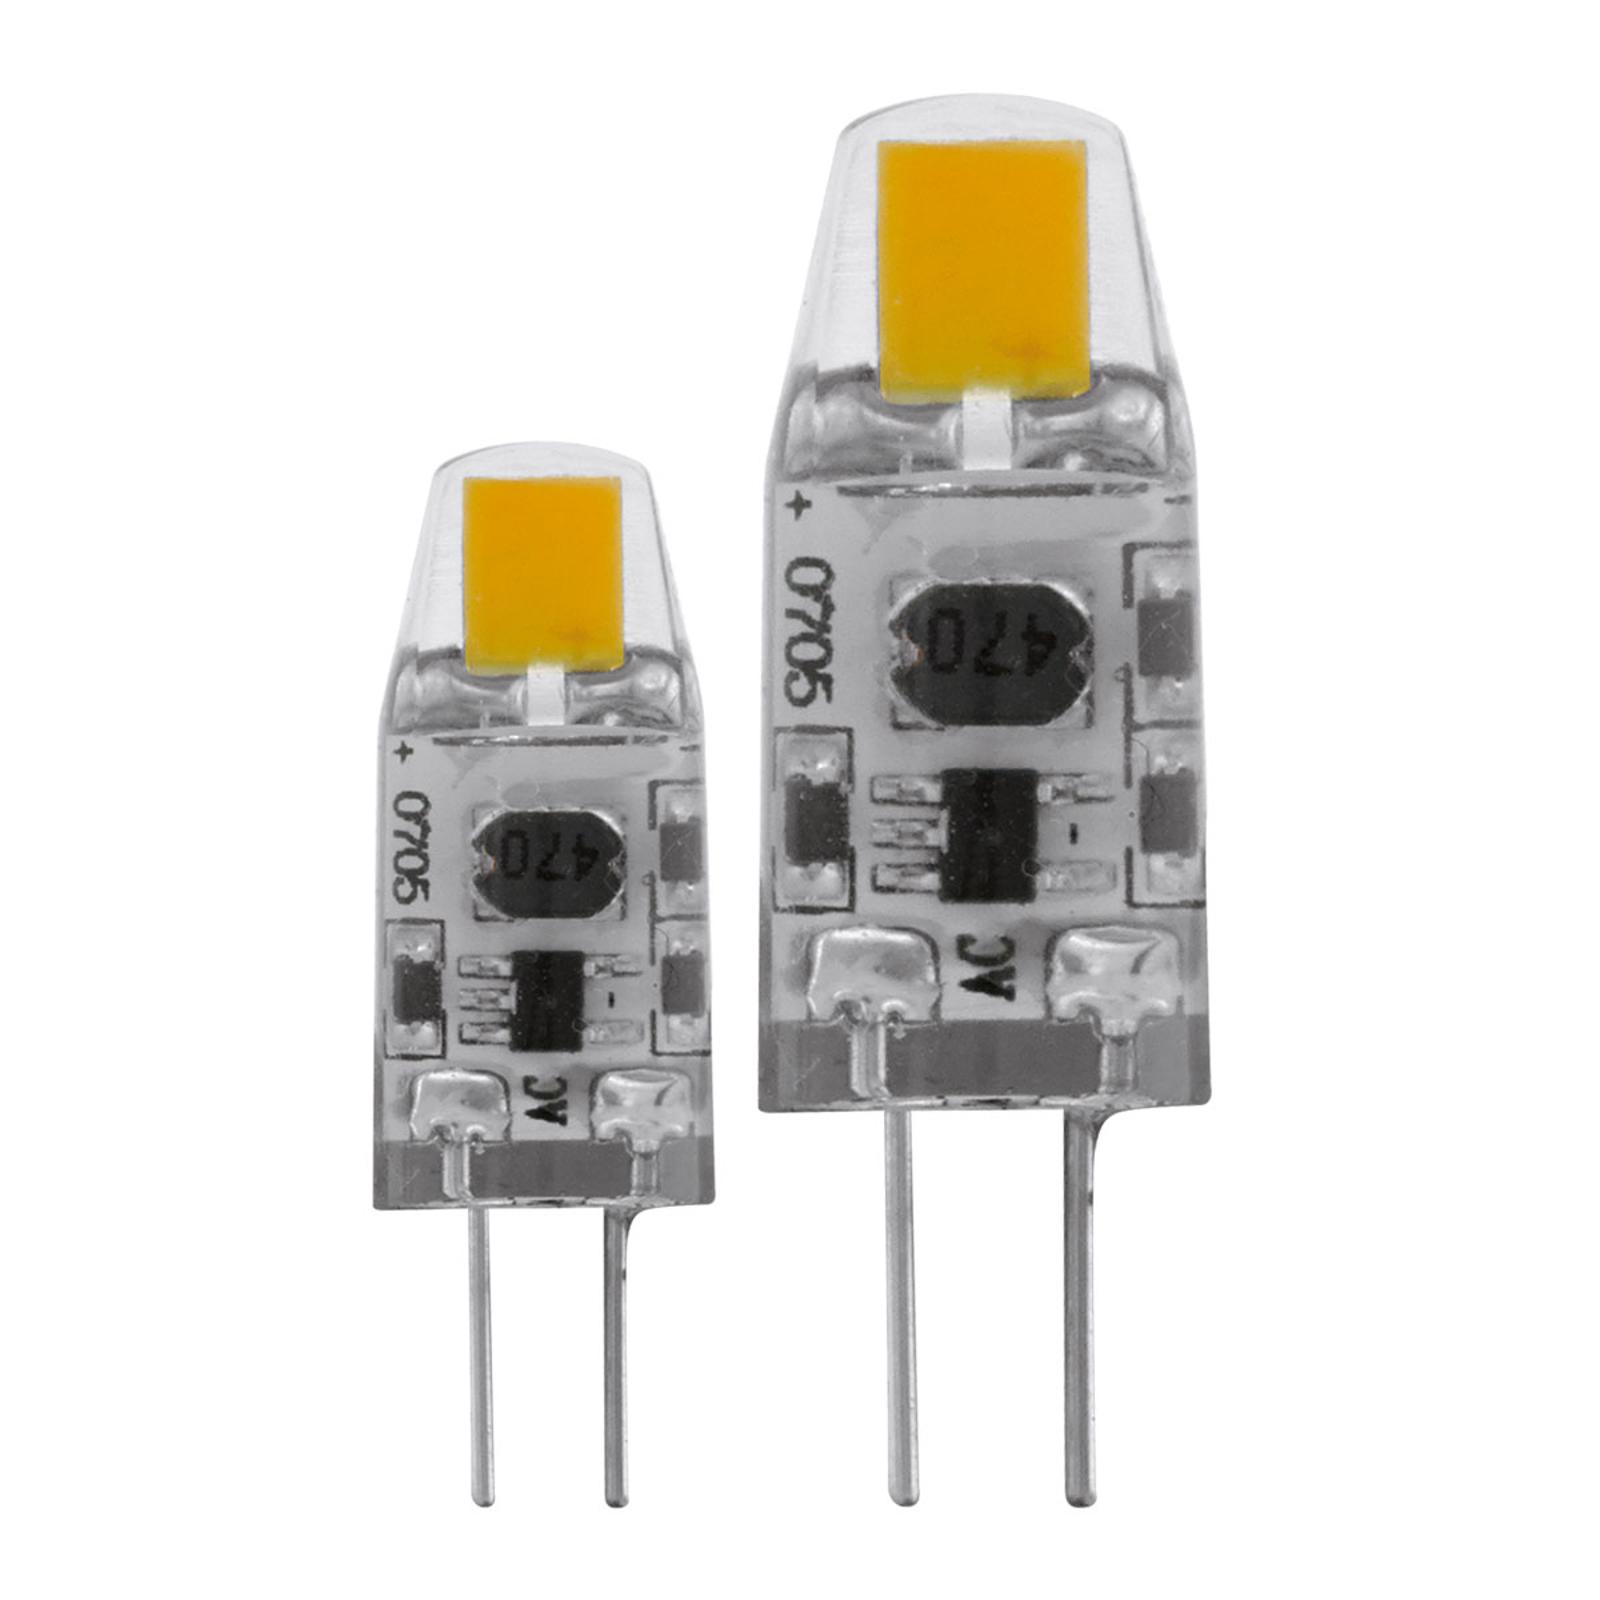 Żarówka LED G4 1,8W, ciepła biel opakowanie 2 szt